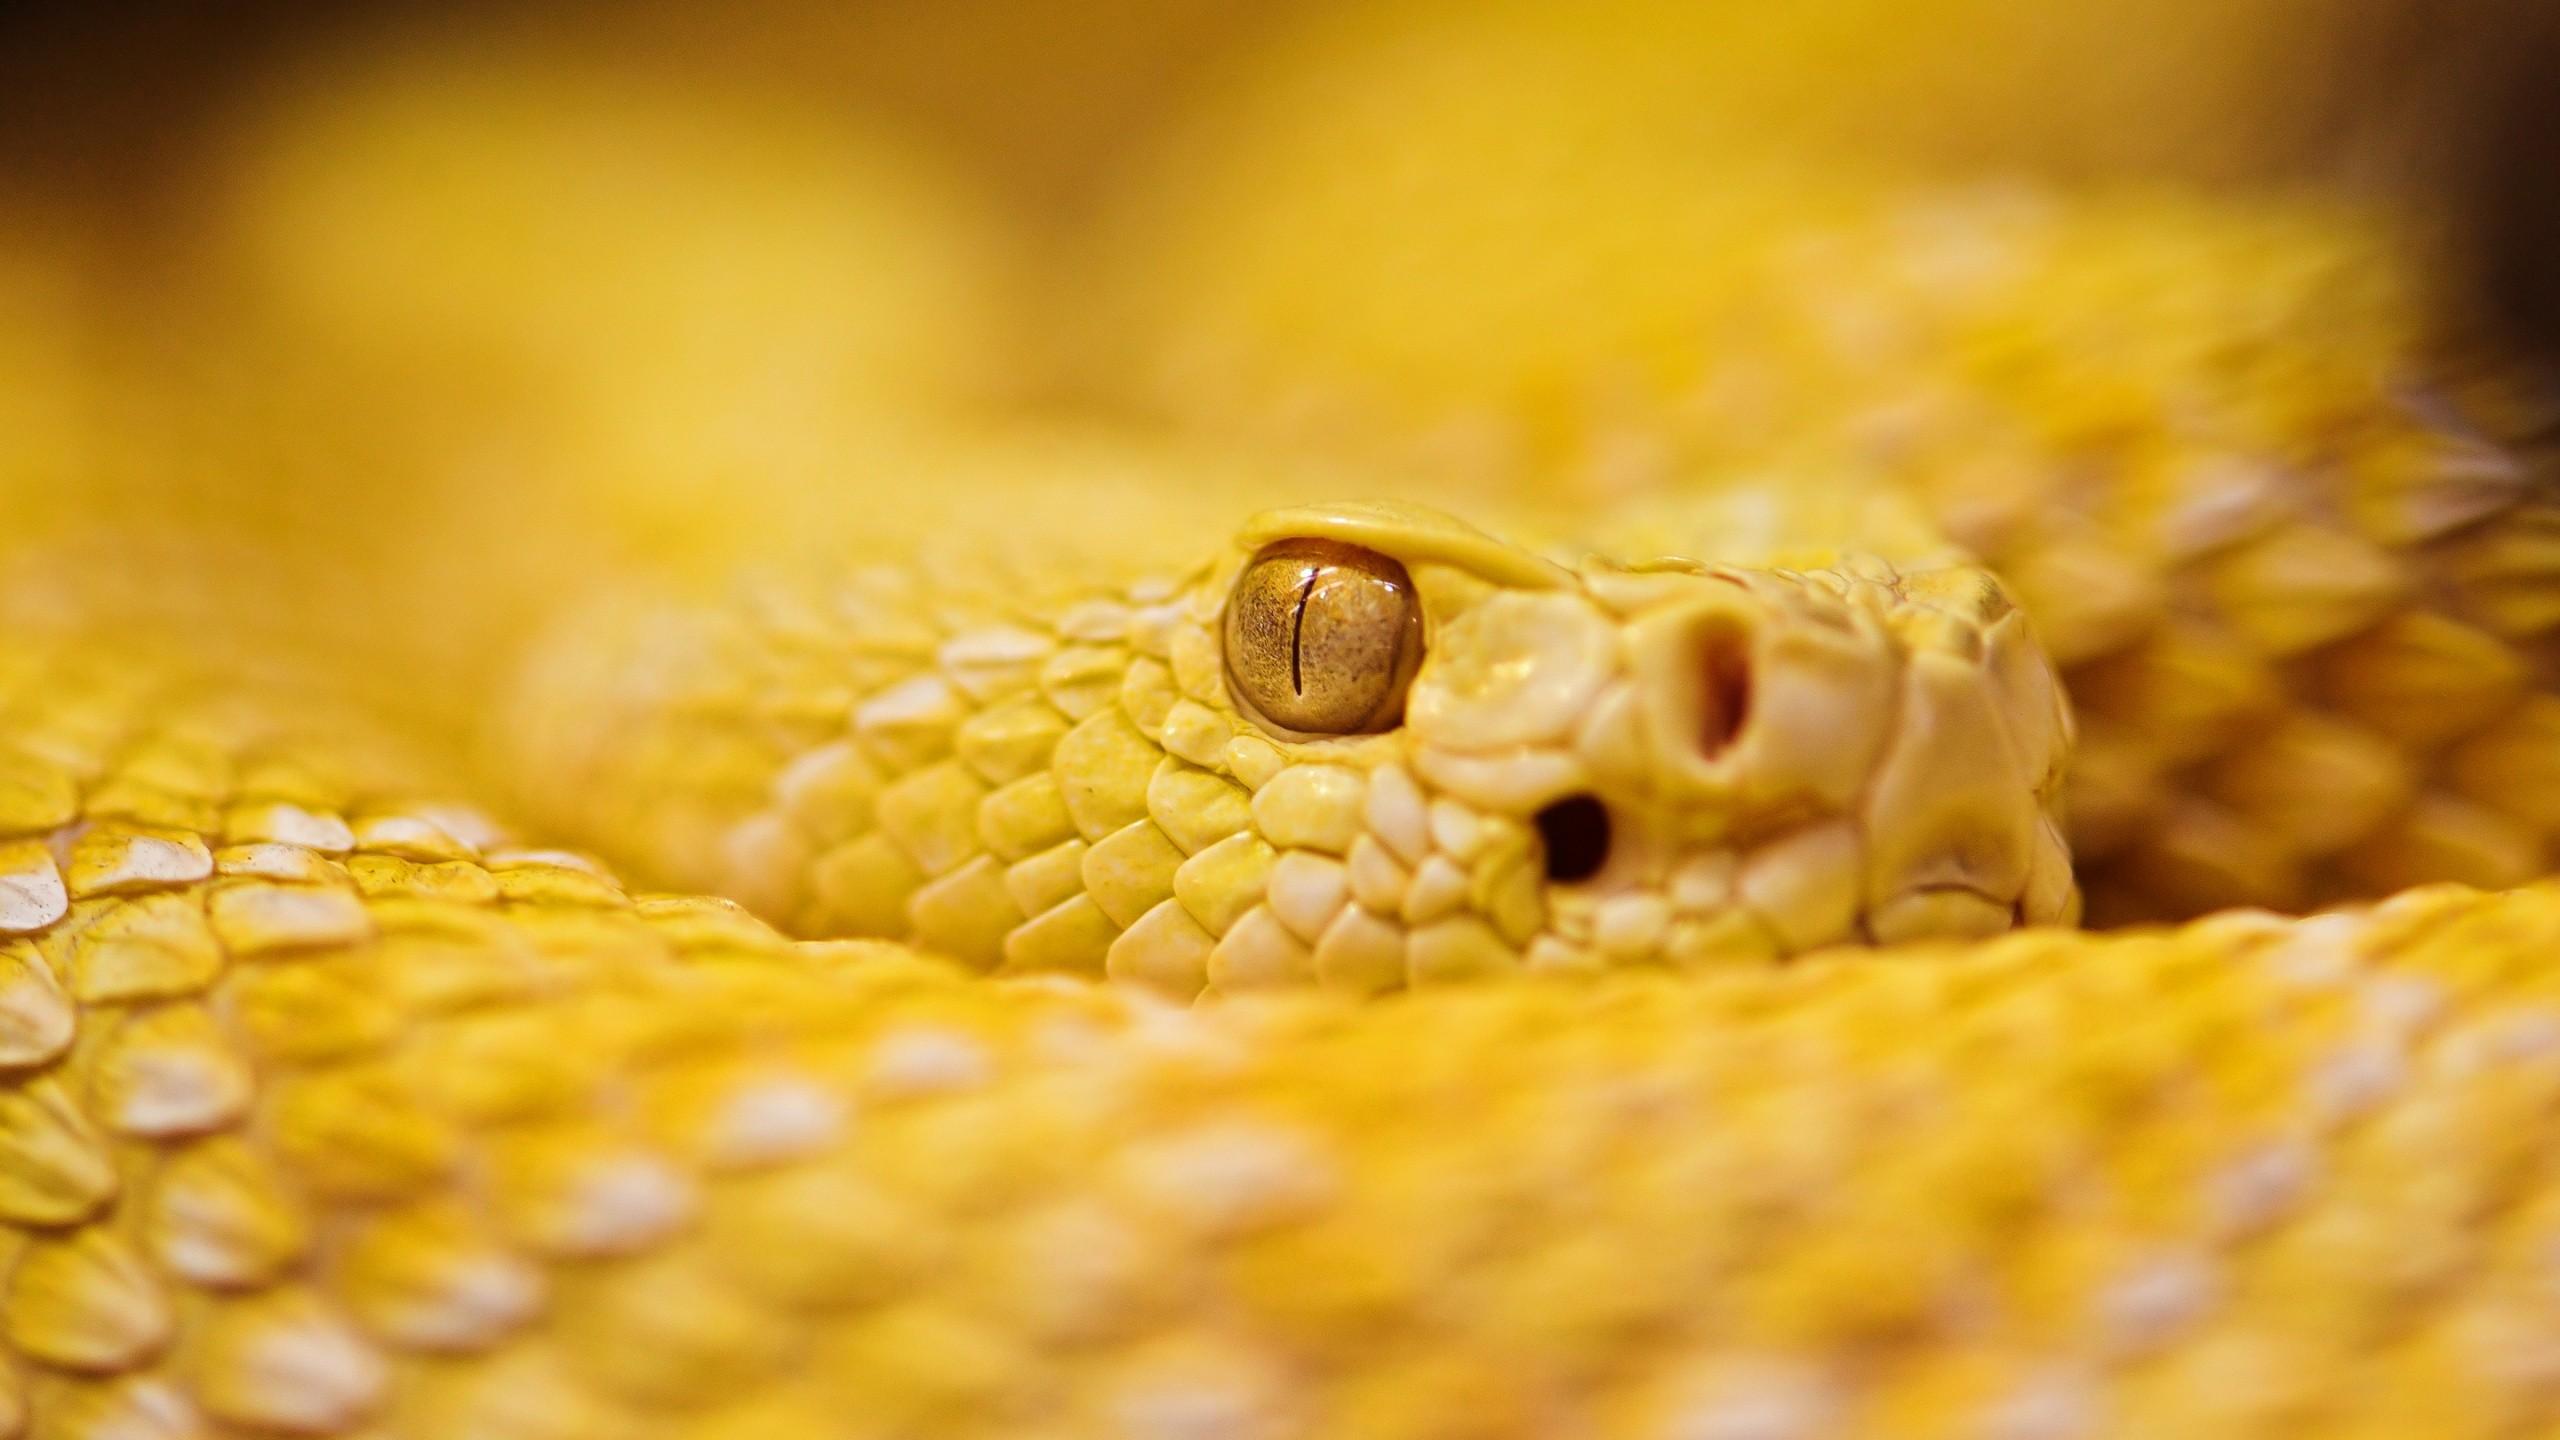 Wallpaper Snake 4k Hd Wallpaper Albino Rattlesnake Yellow Eyes Reptiles Os 1028